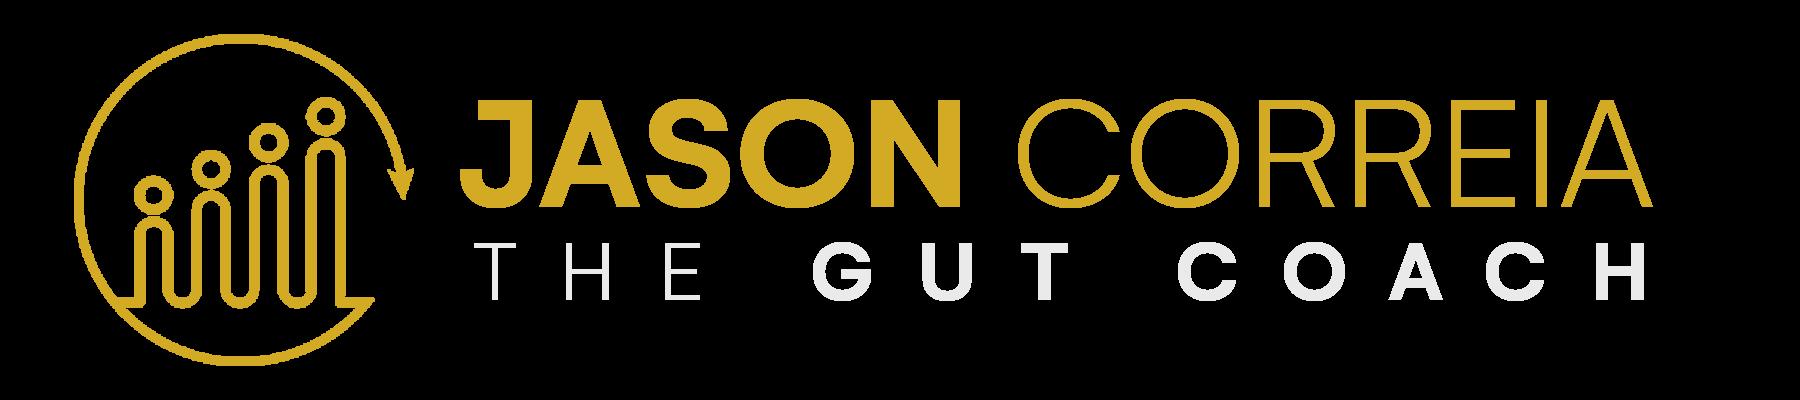 Jason Correia The Gut Coach logo